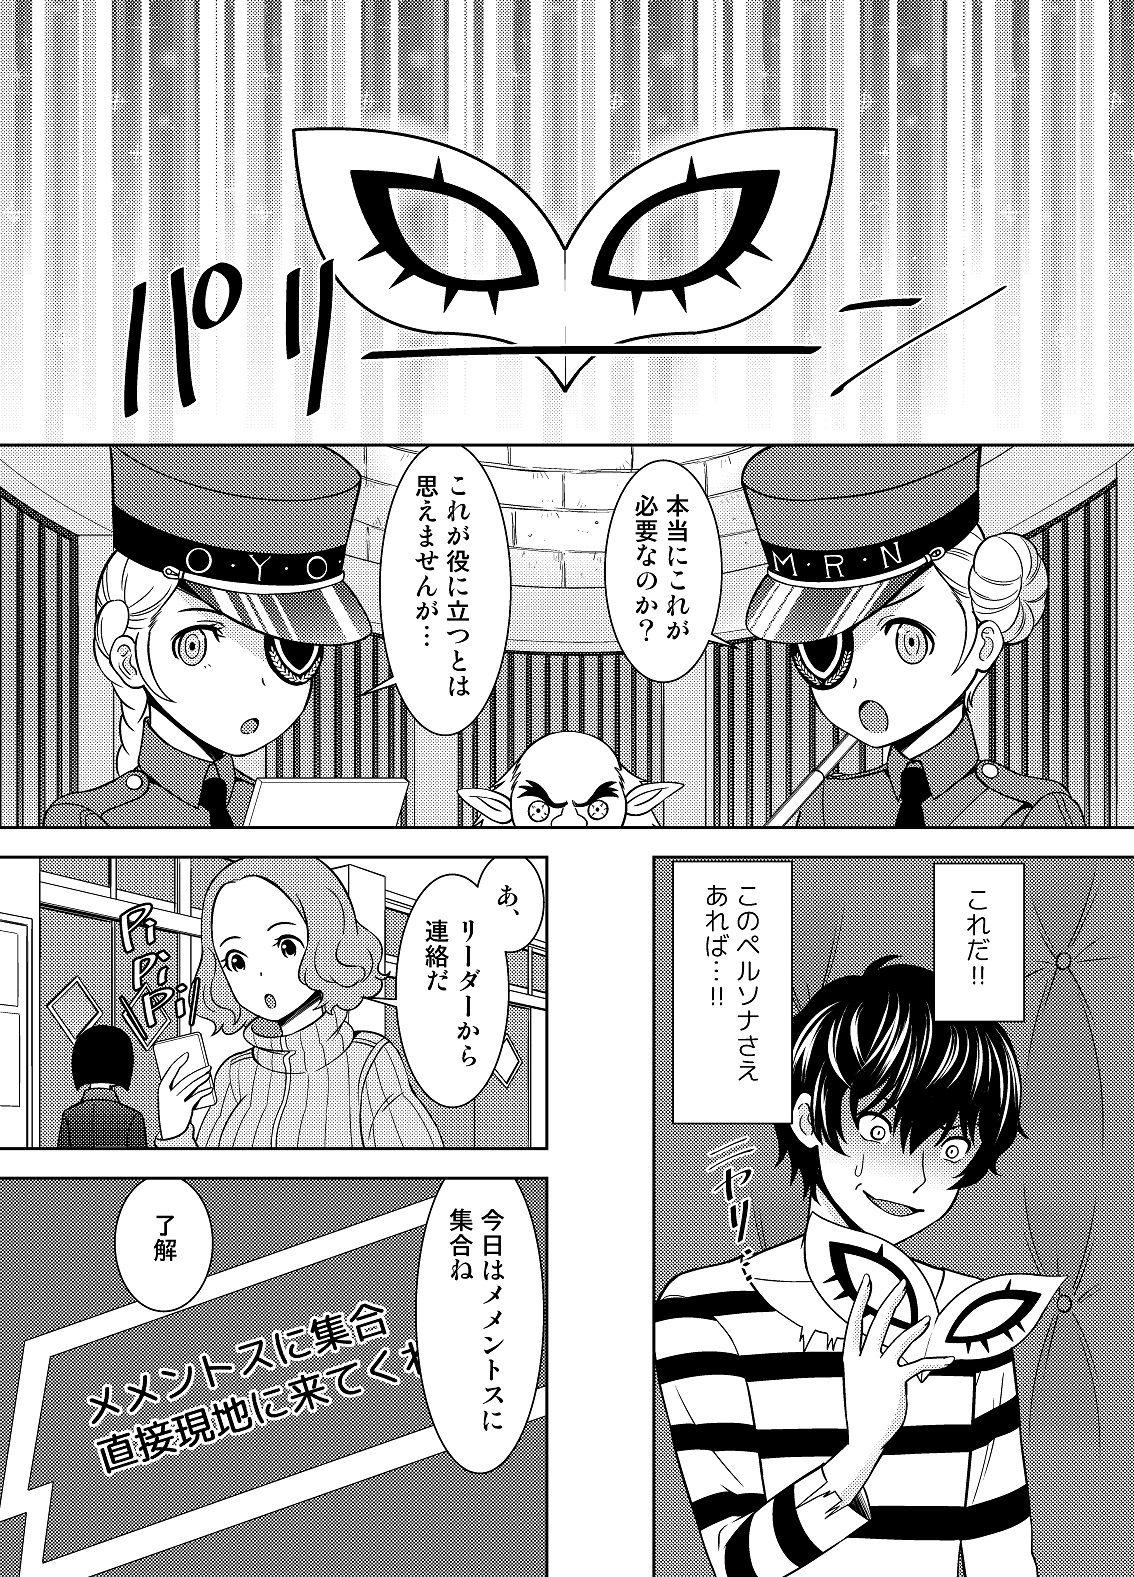 Have Kokoro of the Haru 5